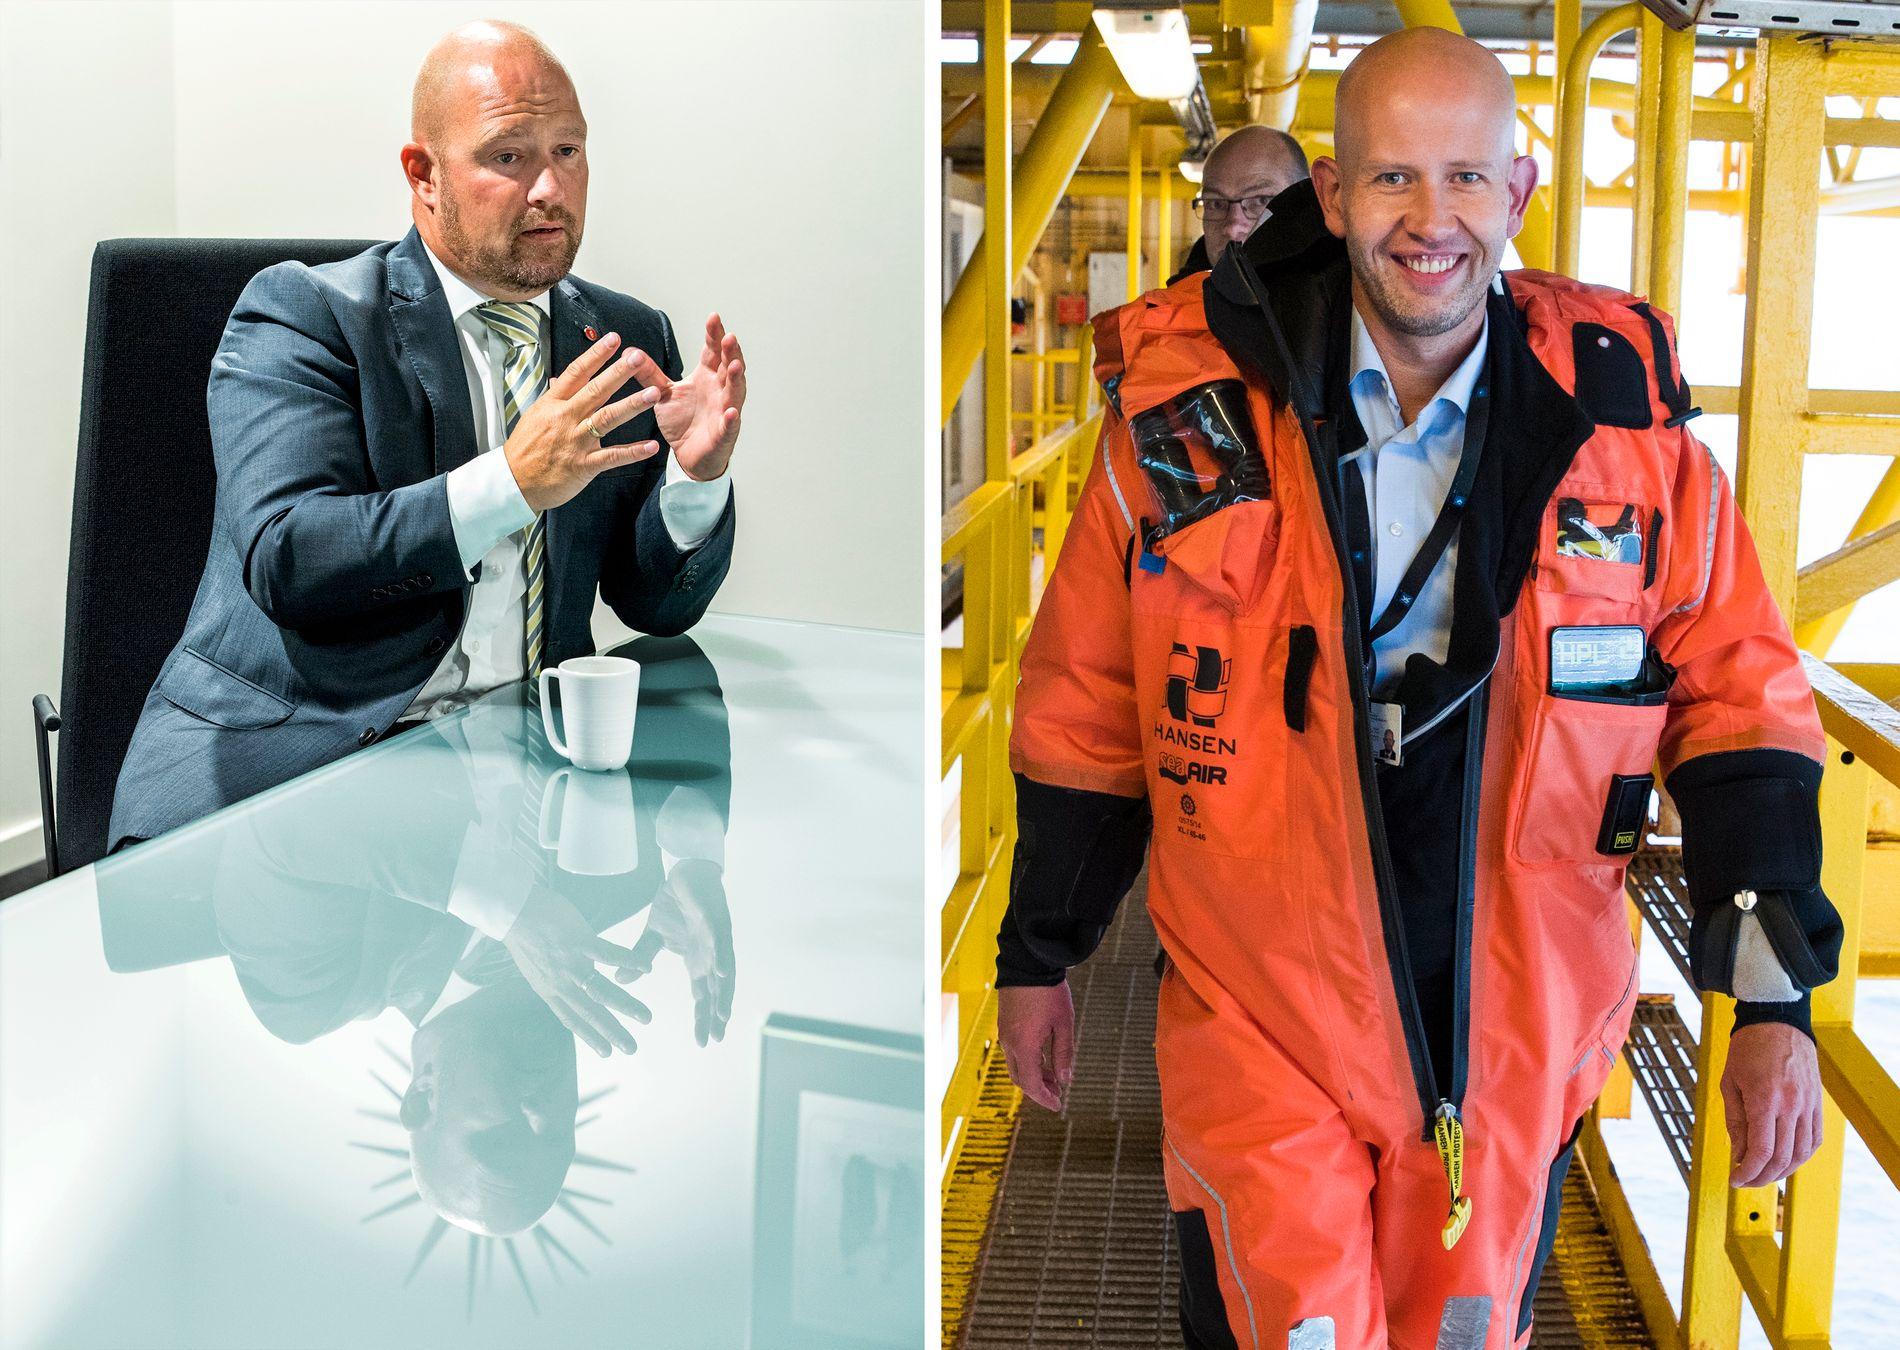 GÅR AV: Ifølge NTB kommer både justisminister Anders Anundsen og olje- og energiminister Tord Lien til å gå av. FOTO: HELGE MIKALSEN OG FRODE HANSEN, VG